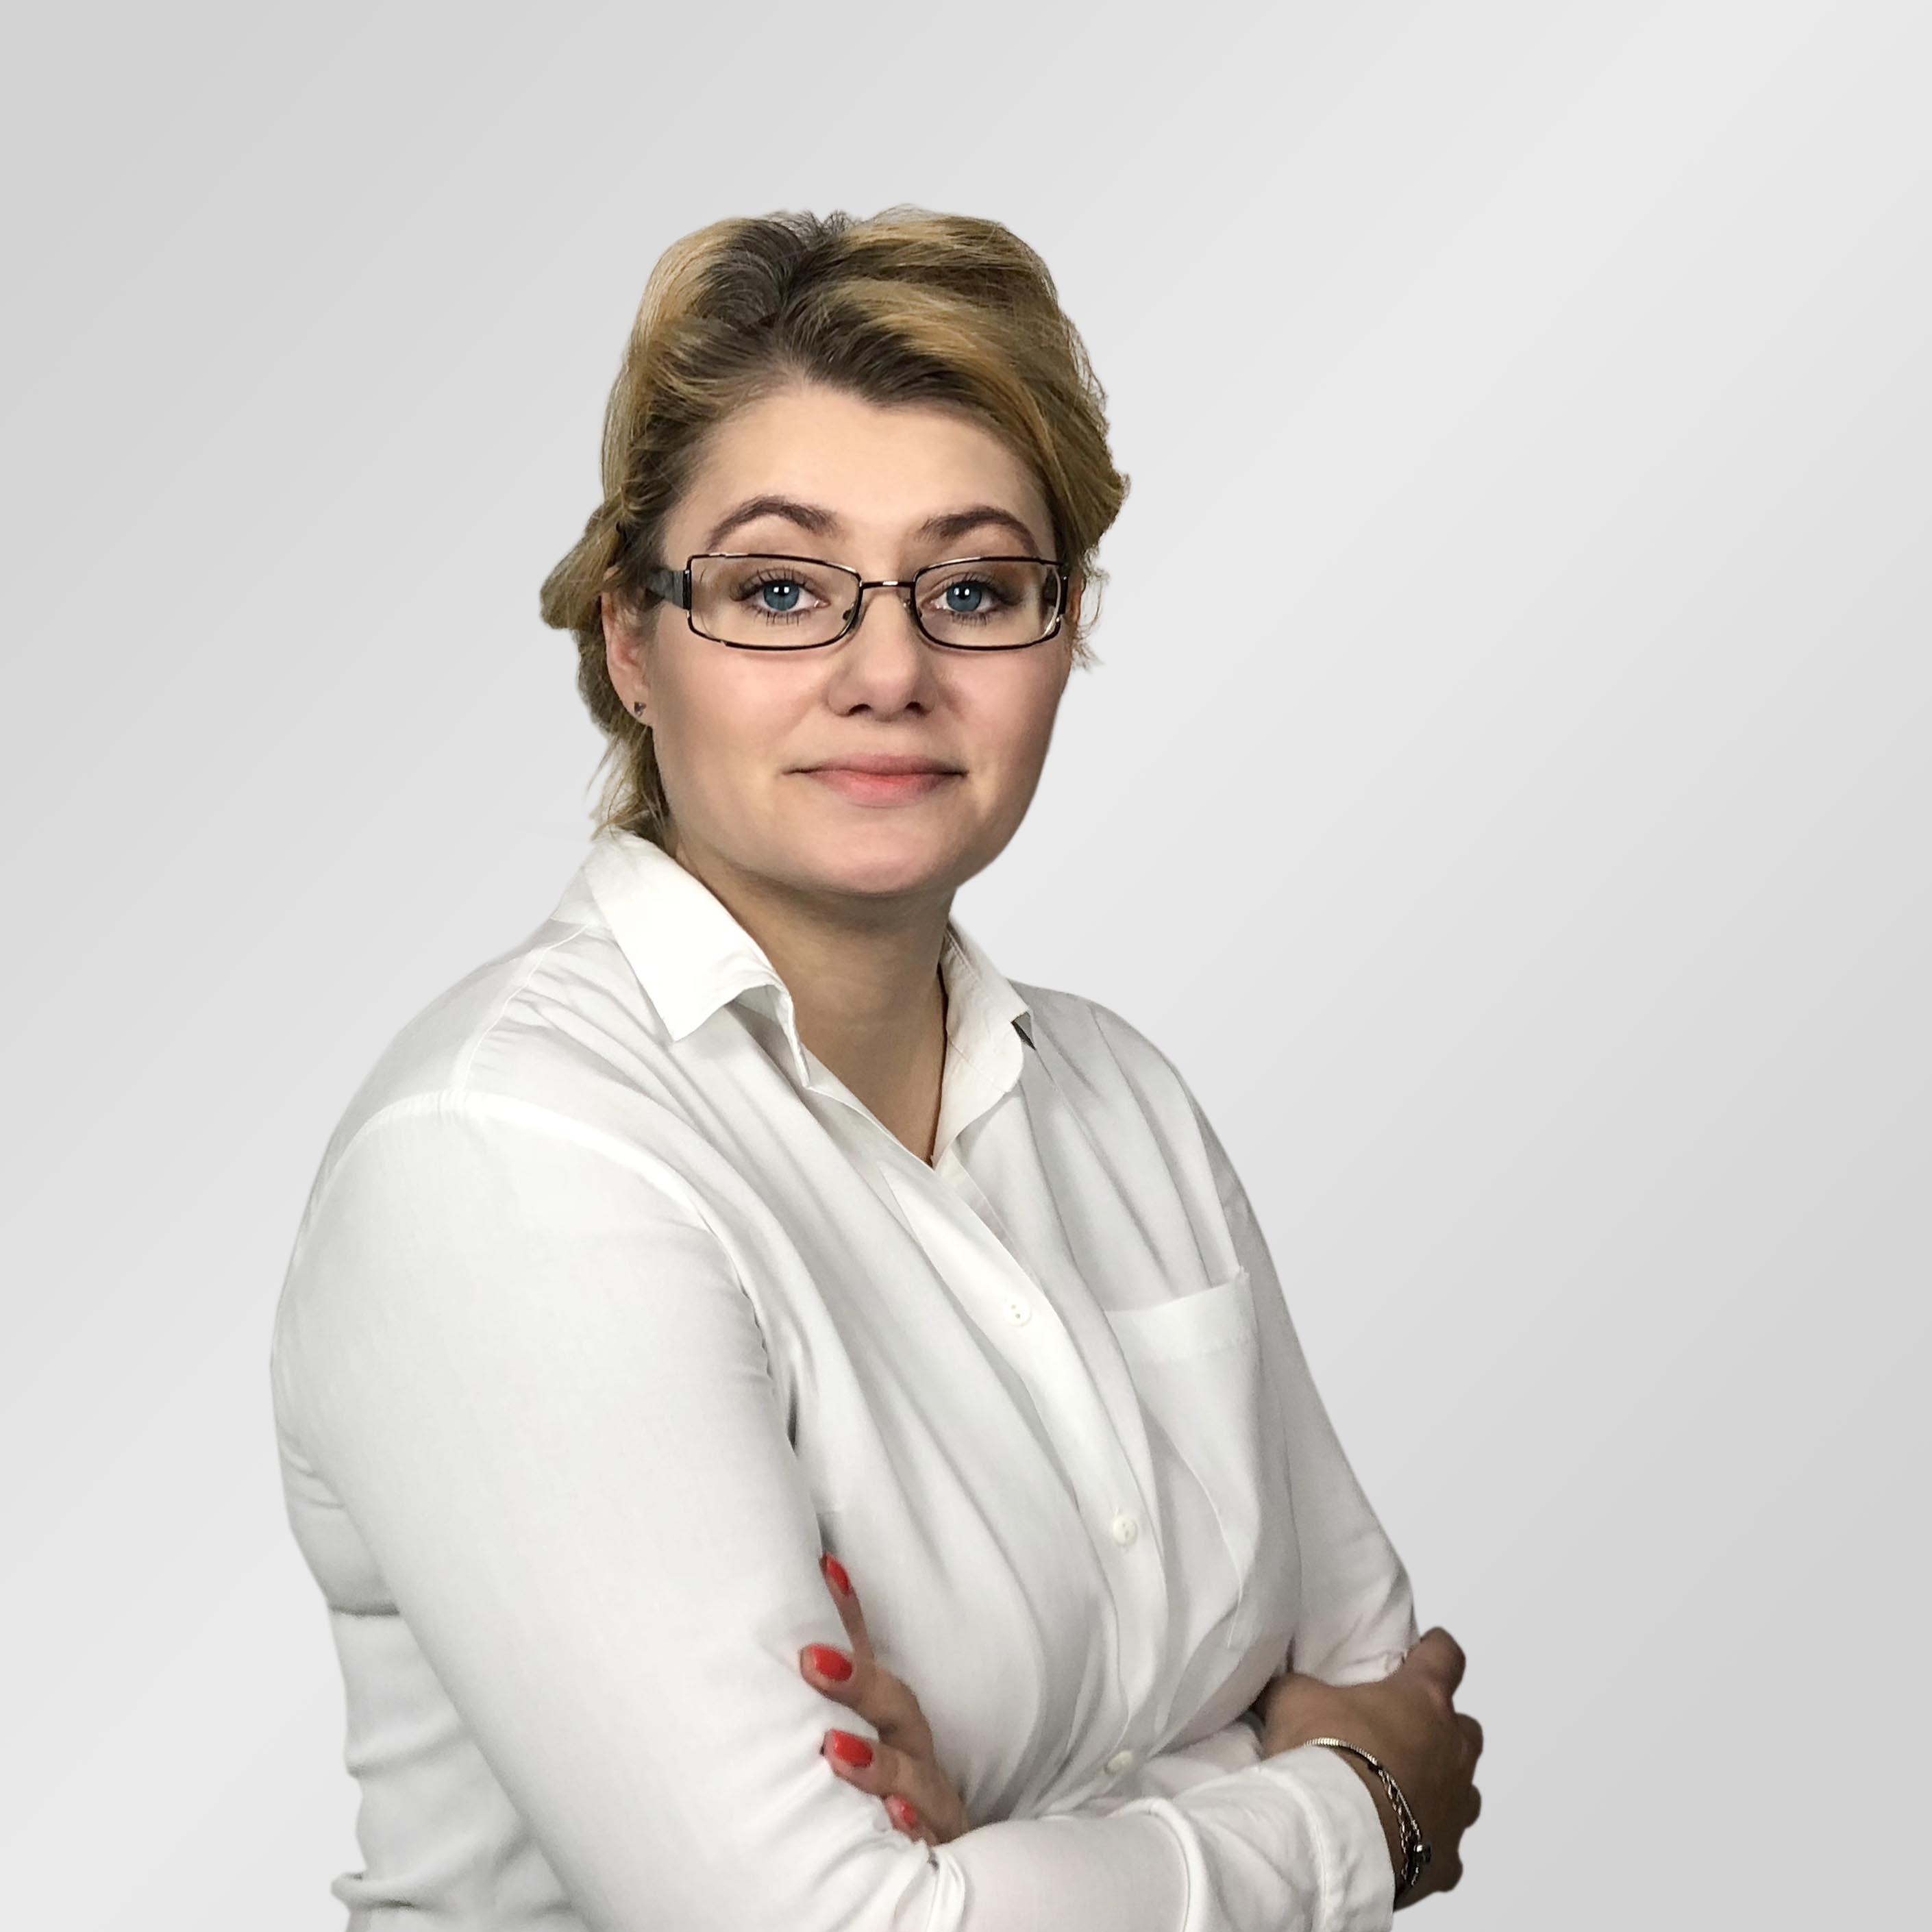 Katarzyna Stefańska